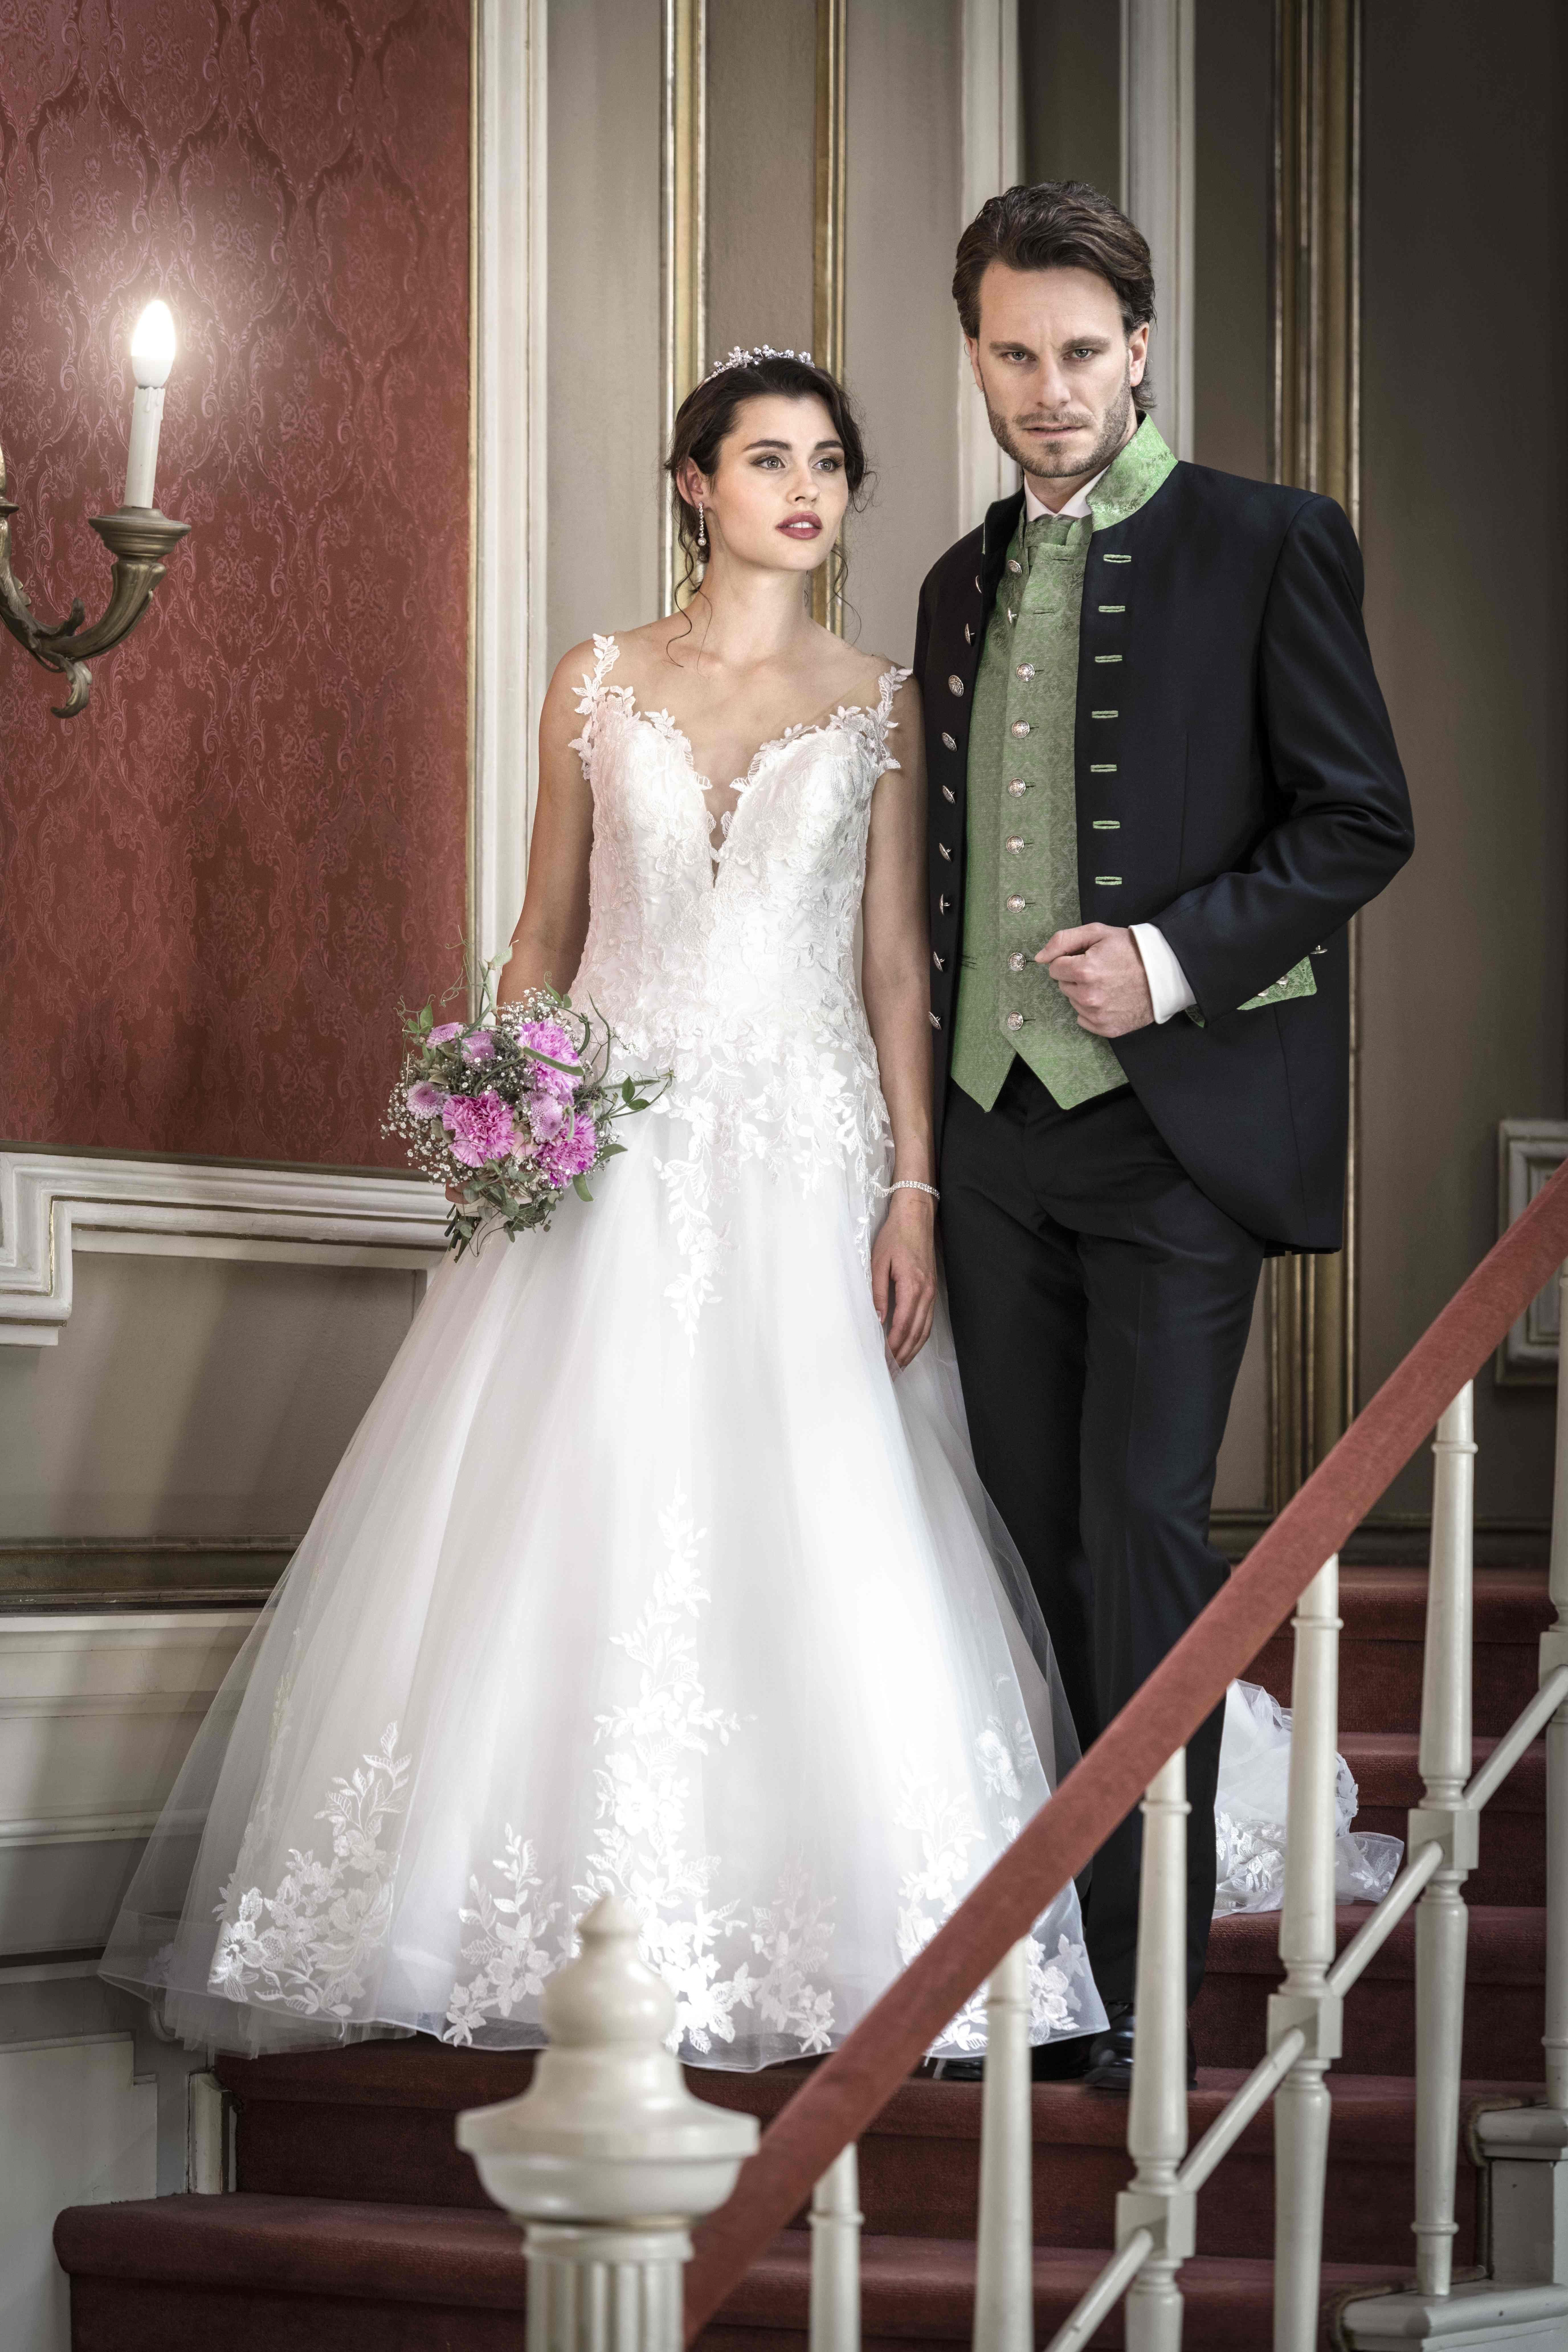 Elegantes Hochzeitspaar: Braut in weiß & Bräutigam in ...